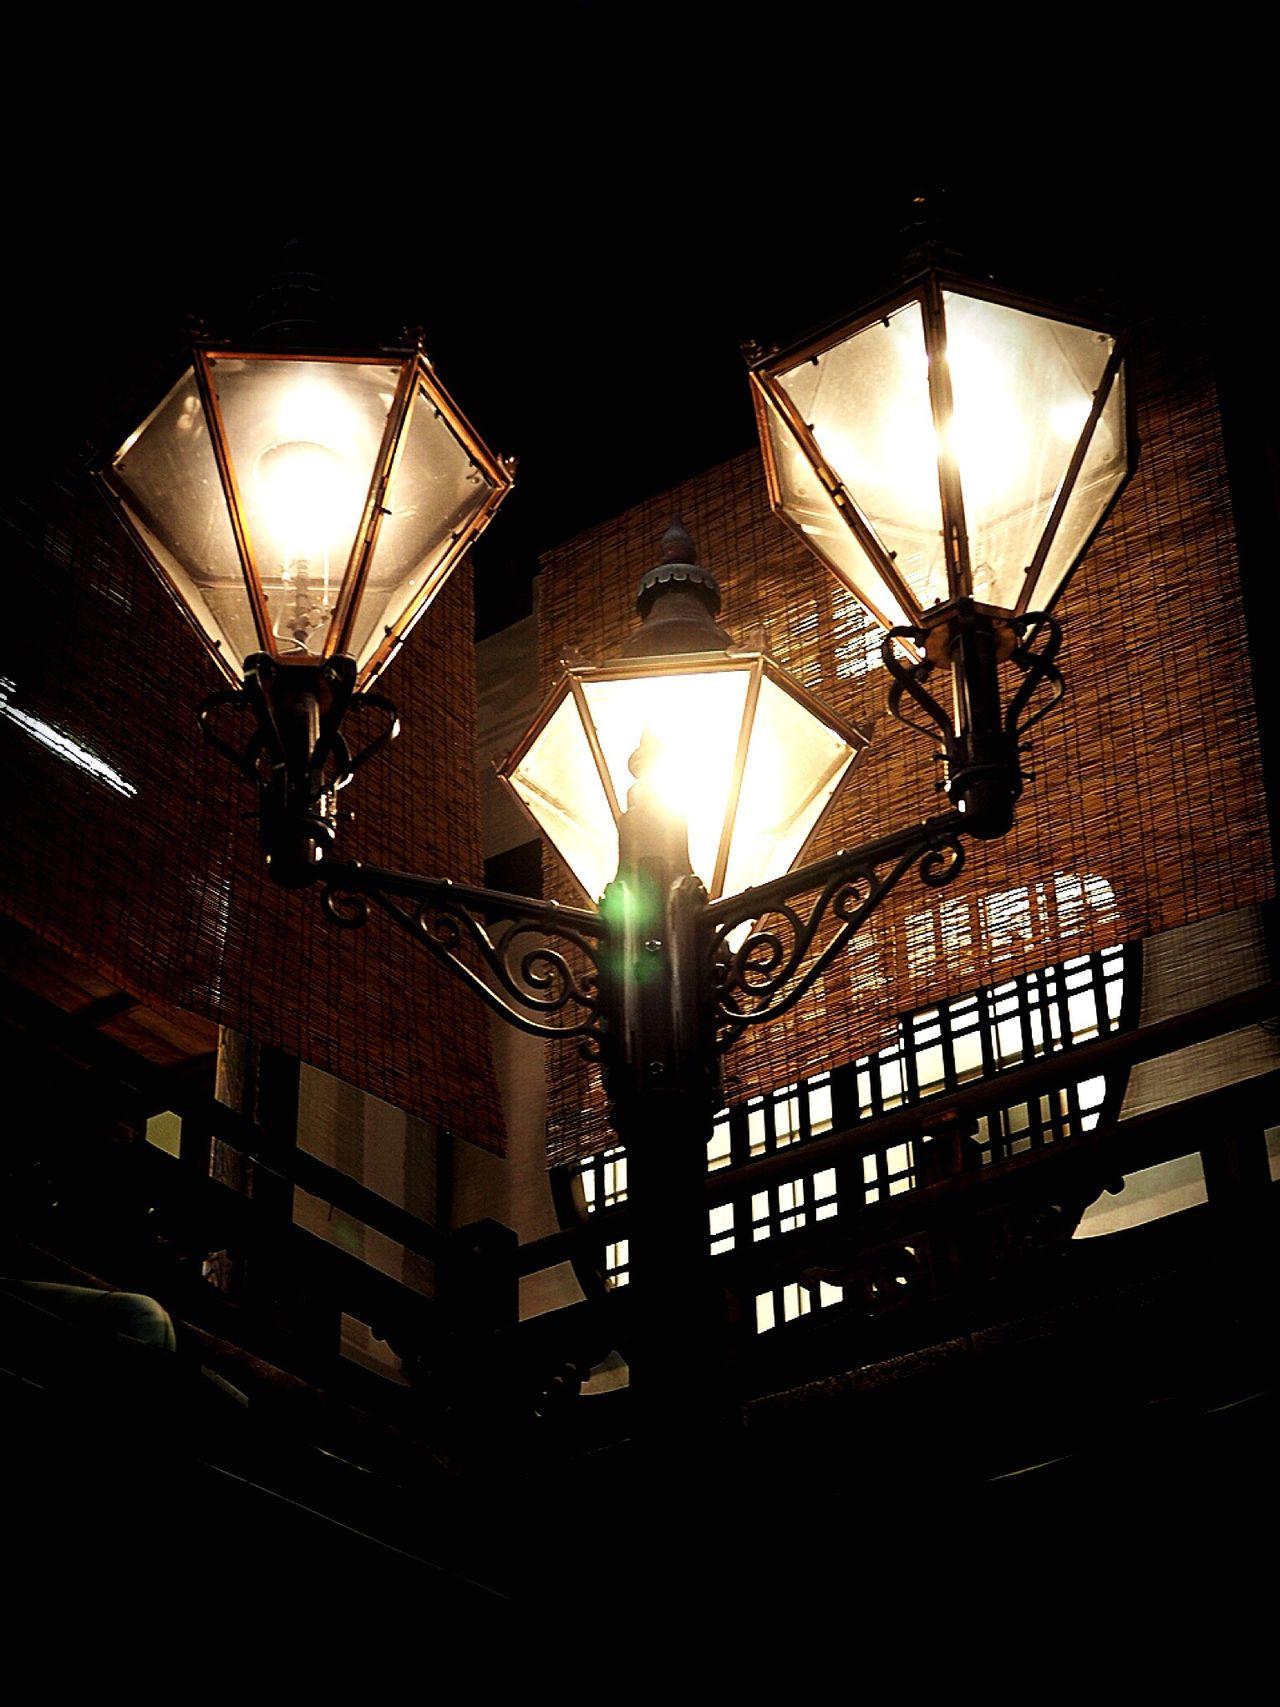 道後温泉 次は絶対♨️入って来ます😭✨ Illuminated Travel Night View Japan Night Japan Photography From My Point Of View Light And Shadow Lights Focus On Foreground Modern Street Lamp 外灯collection